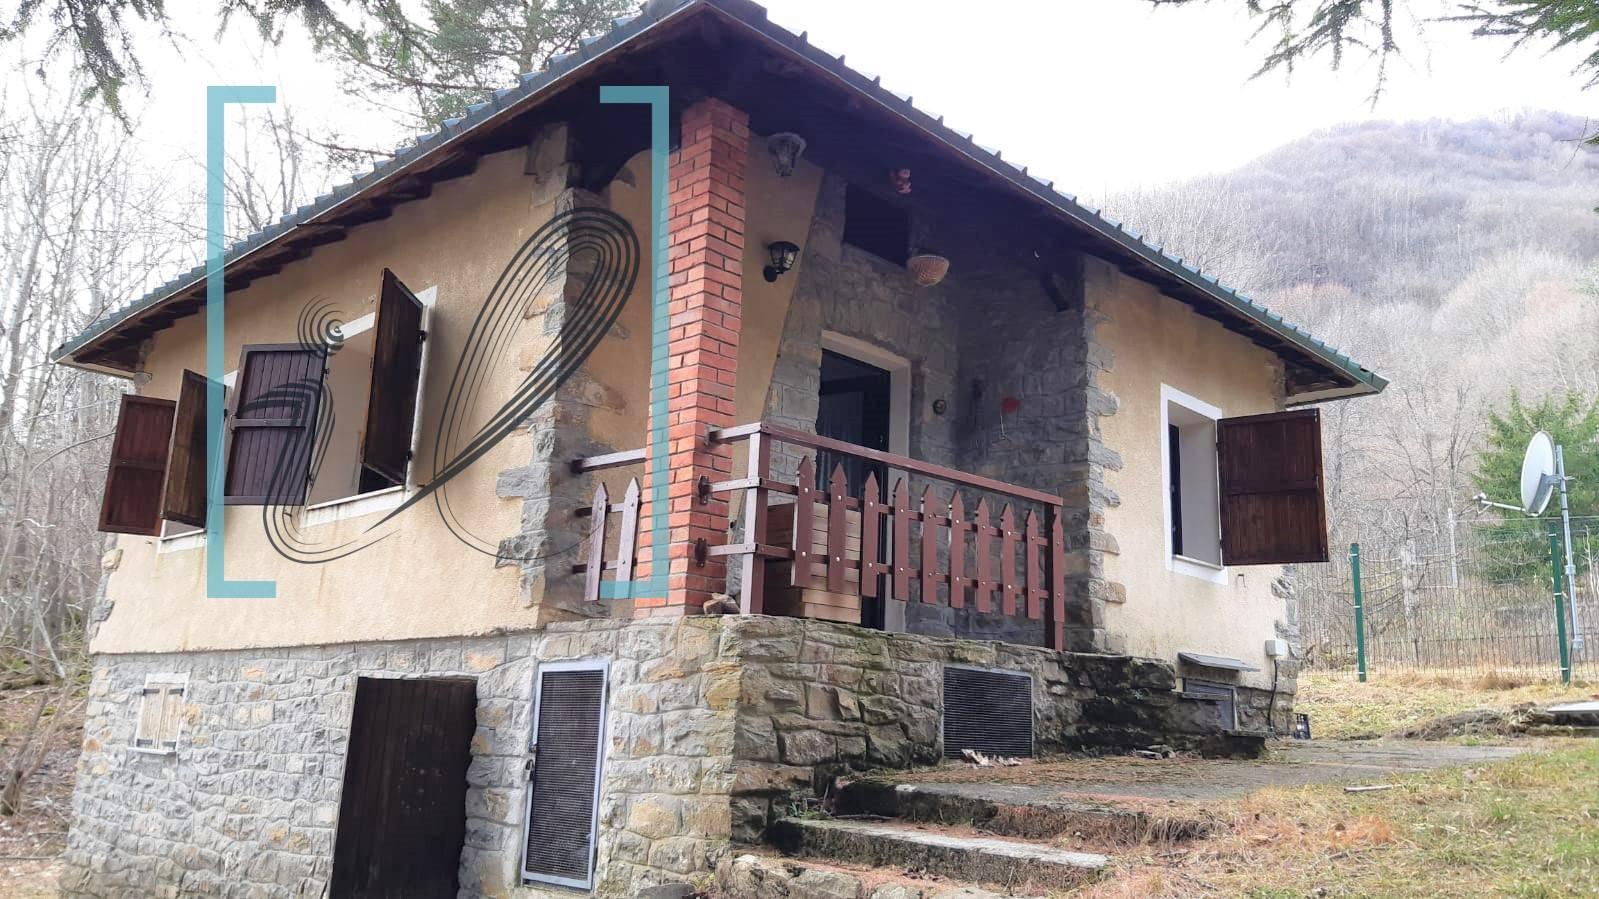 Soluzione Indipendente in vendita a Mendatica, 3 locali, zona Località: CianPrai, prezzo € 58.000 | PortaleAgenzieImmobiliari.it